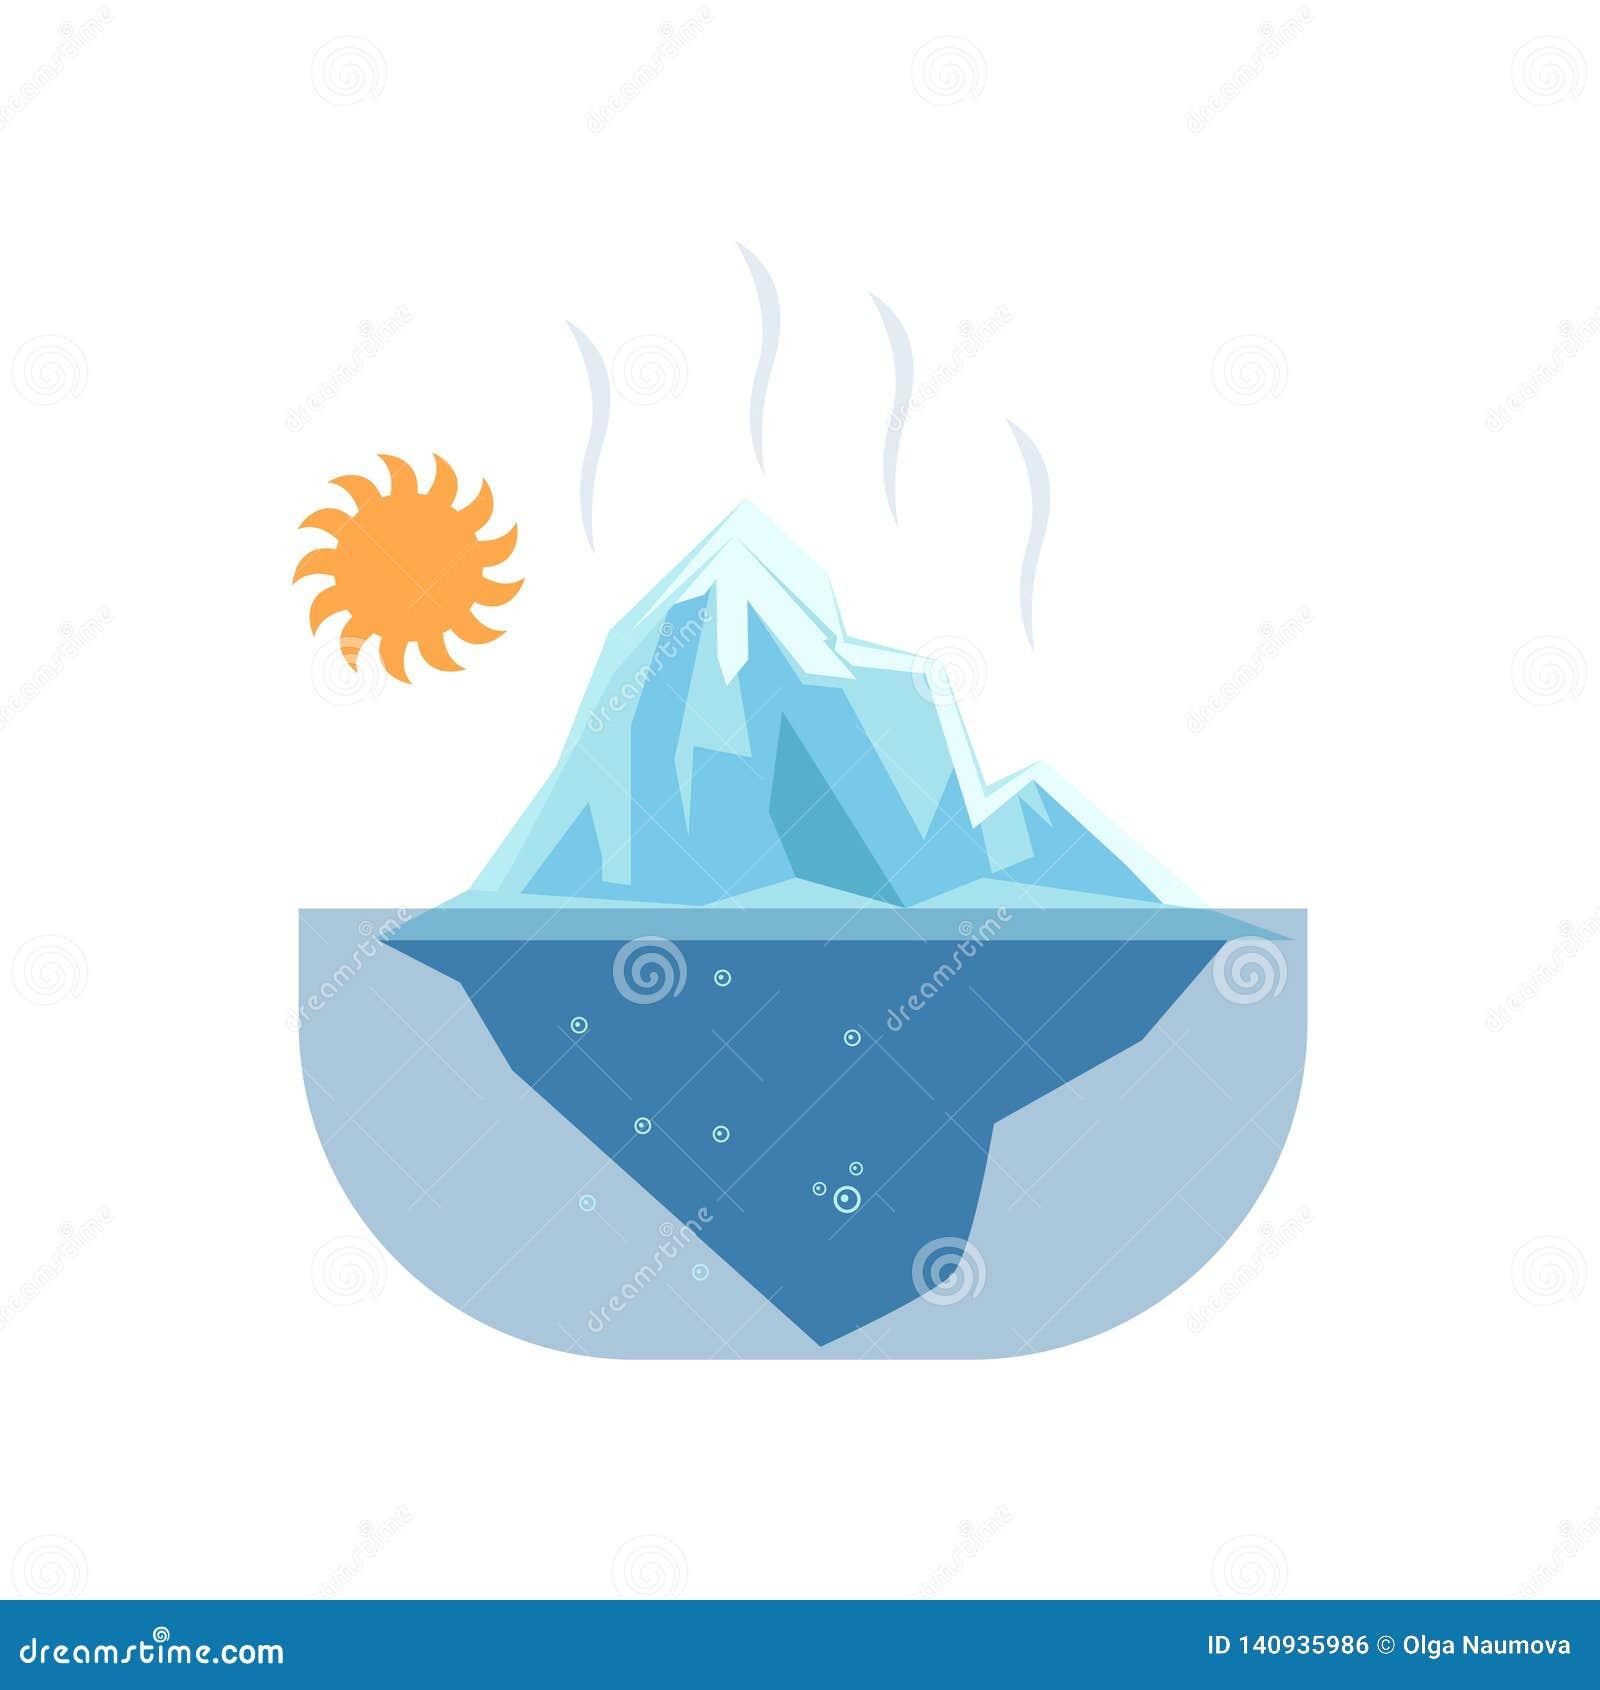 Rozciekli lodowowie pod gorącym słońcem taki problemowy globalne ocieplenie